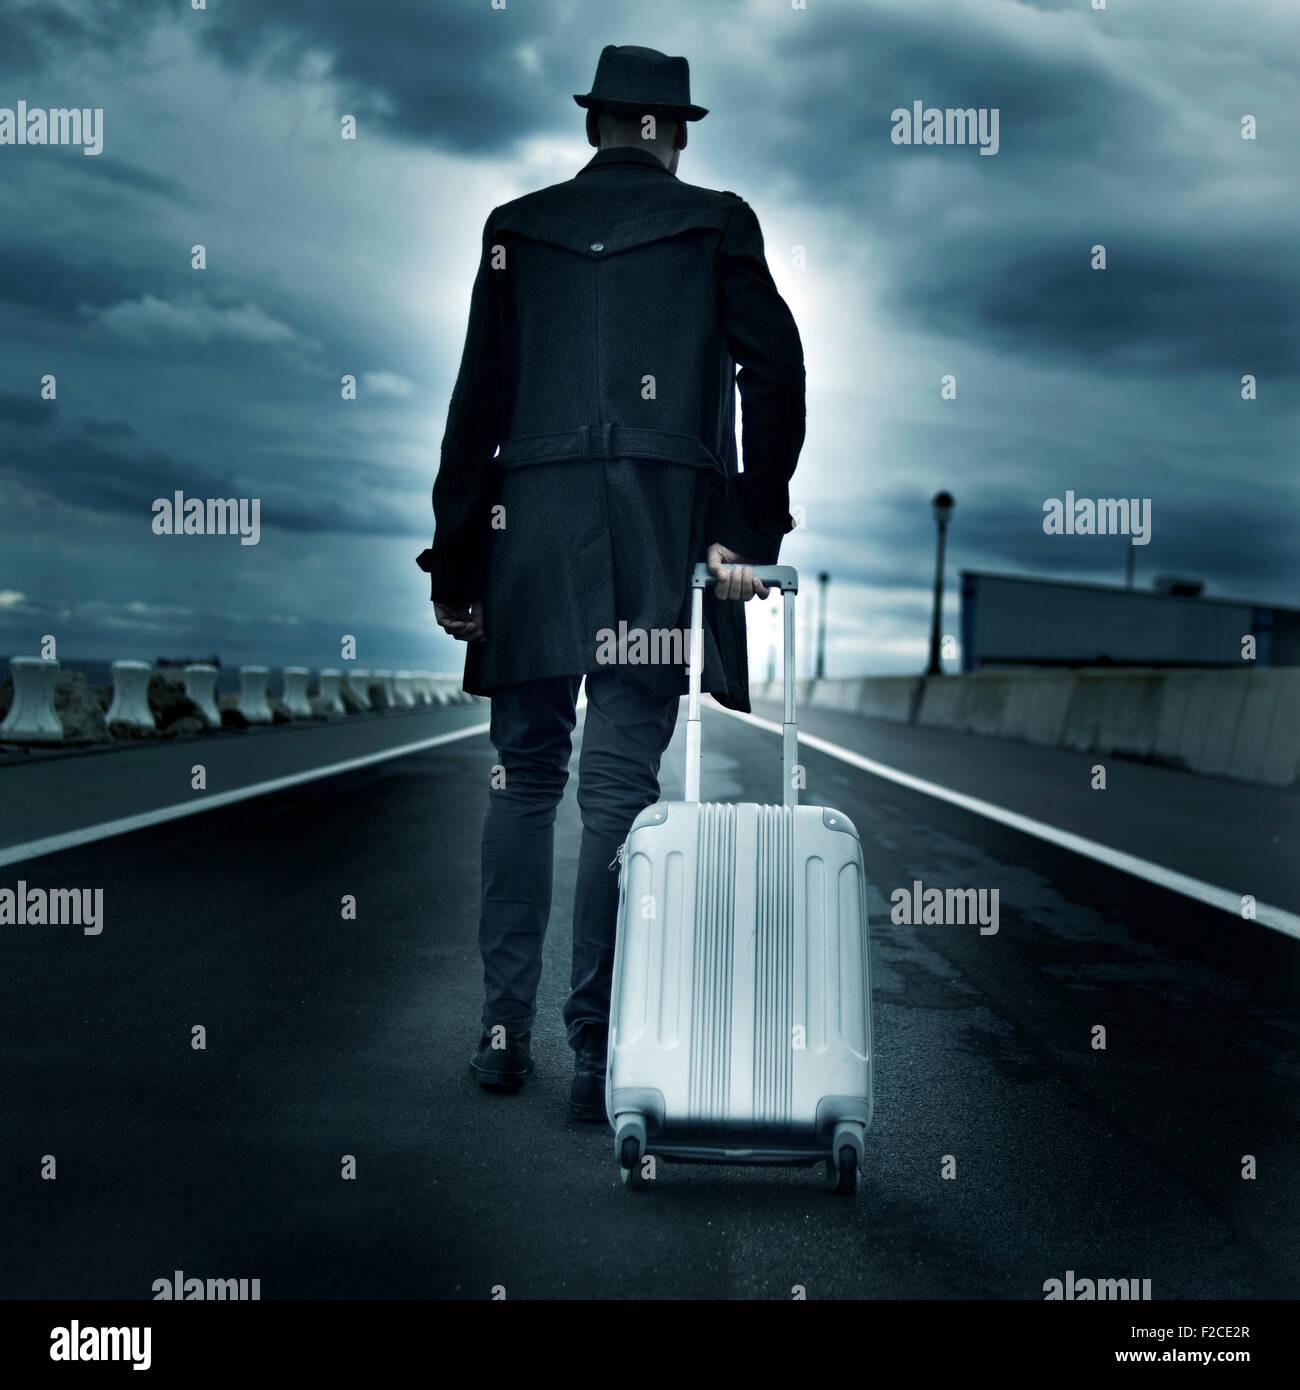 Primer plano de un joven hombre visto desde atrás llevando su maleta con ruedas, con un efecto dramático Imagen De Stock